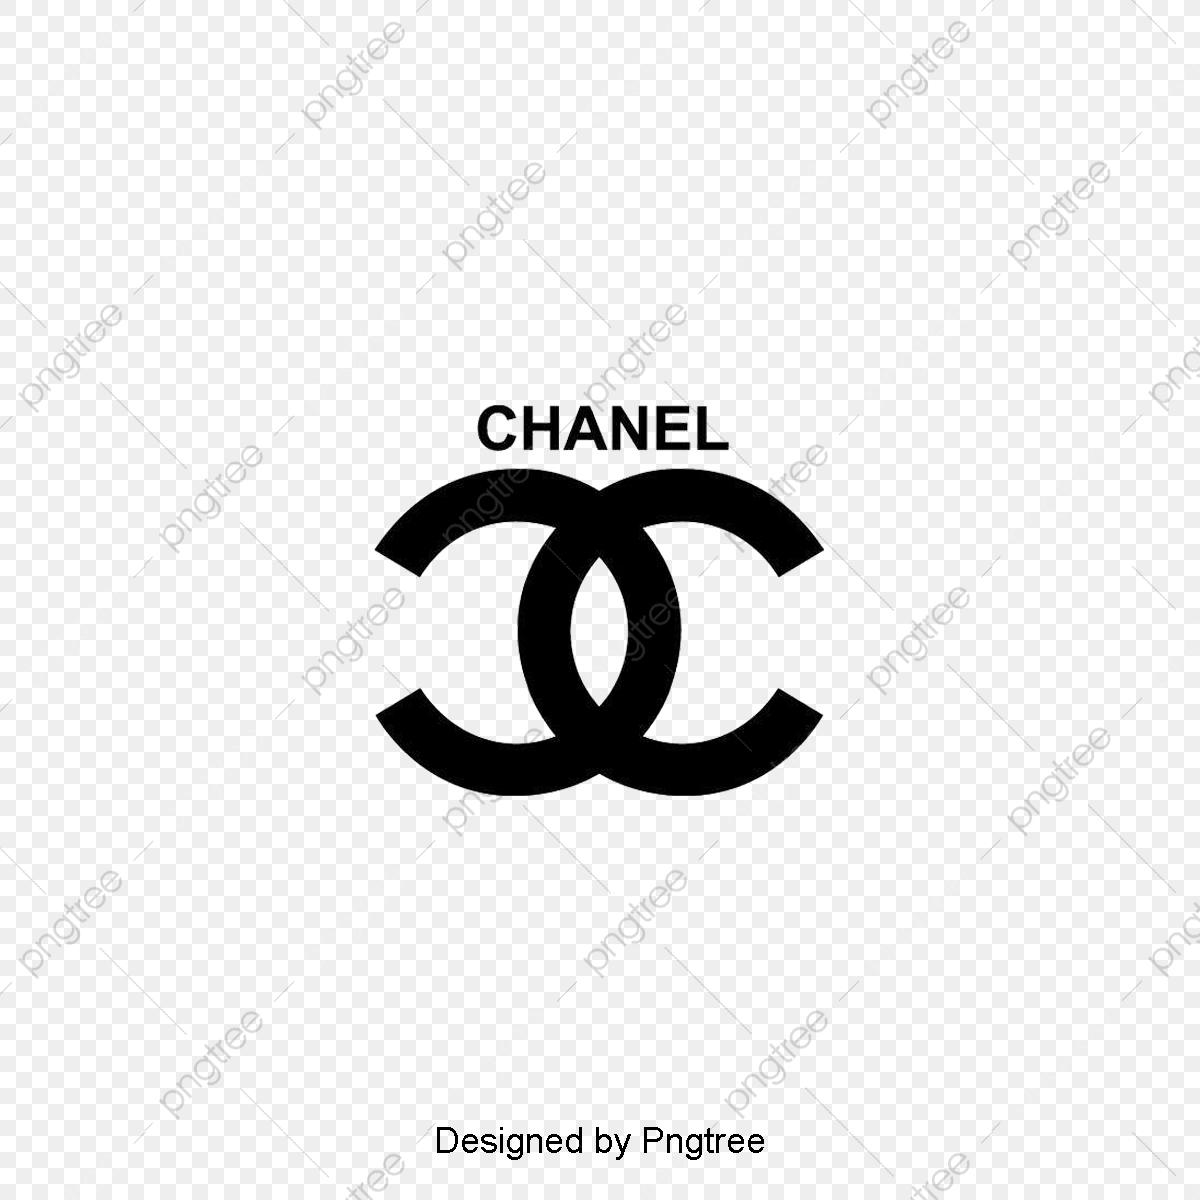 logo design psd chanel logo design, chanel, luxury, france png transparent